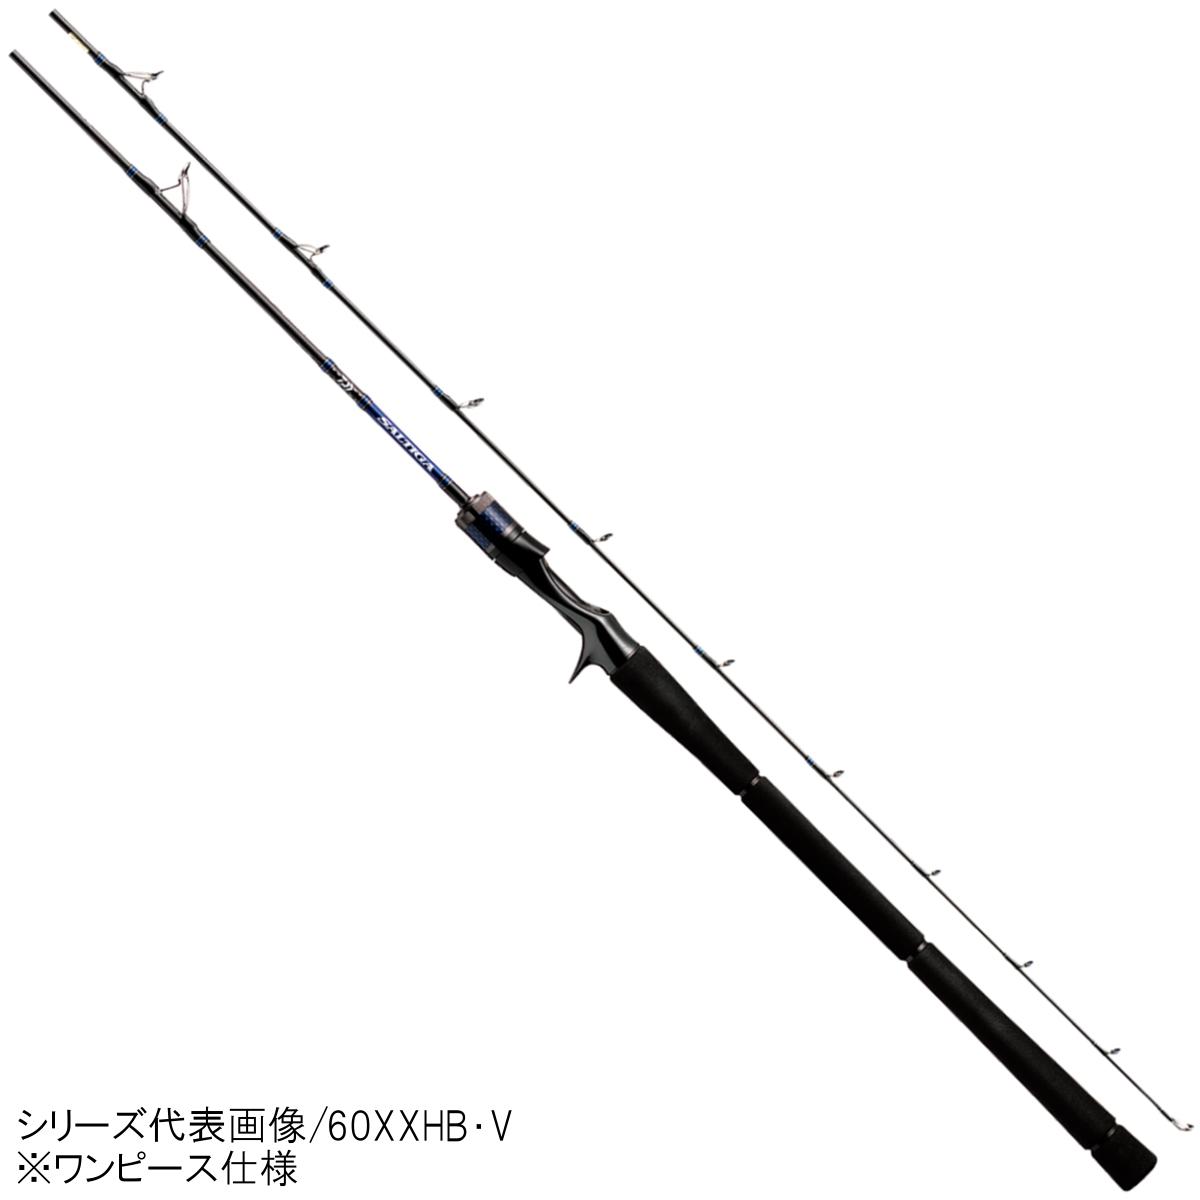 ダイワ ソルティガ BJ ハイレスポンス 62XHB・V【大型商品】(東日本店)